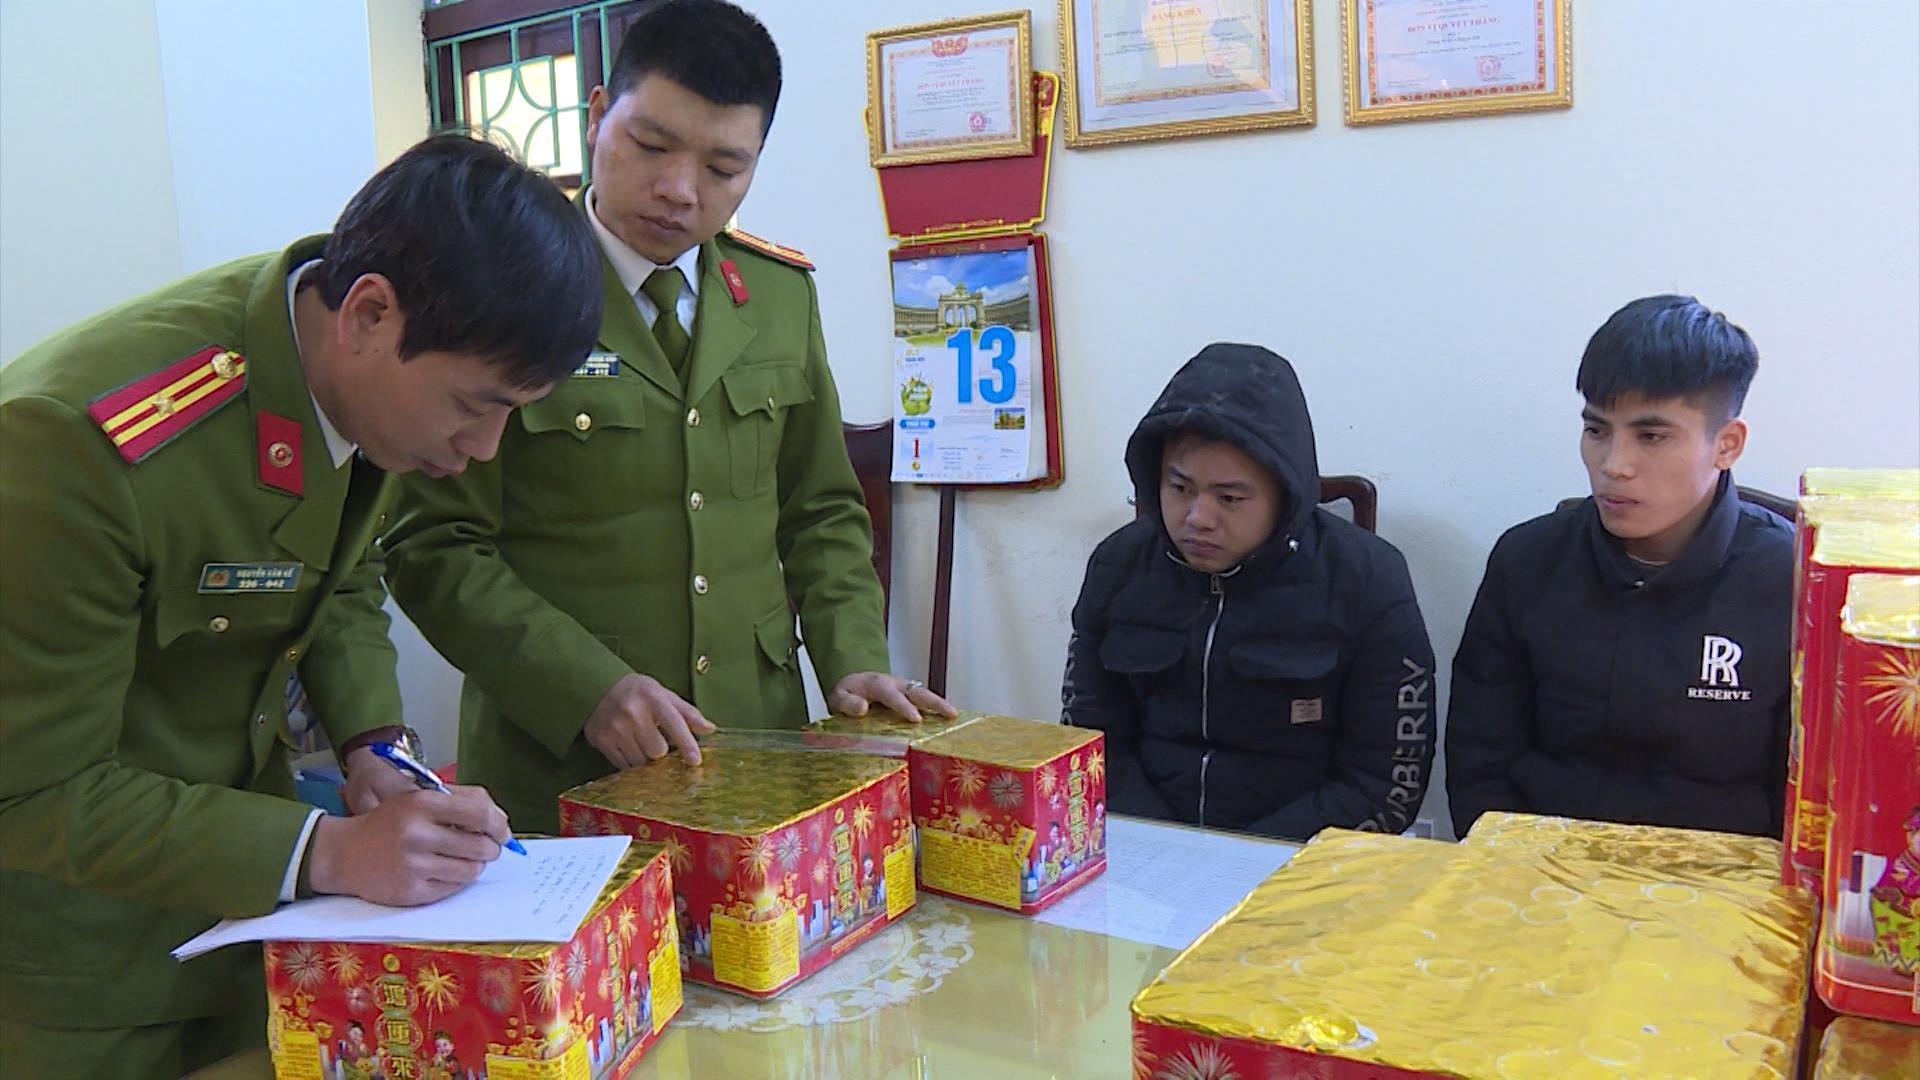 Bắc Ninh: Bắt quả tang 2 đối tượng vận chuyển gần 200 kg pháo nổ